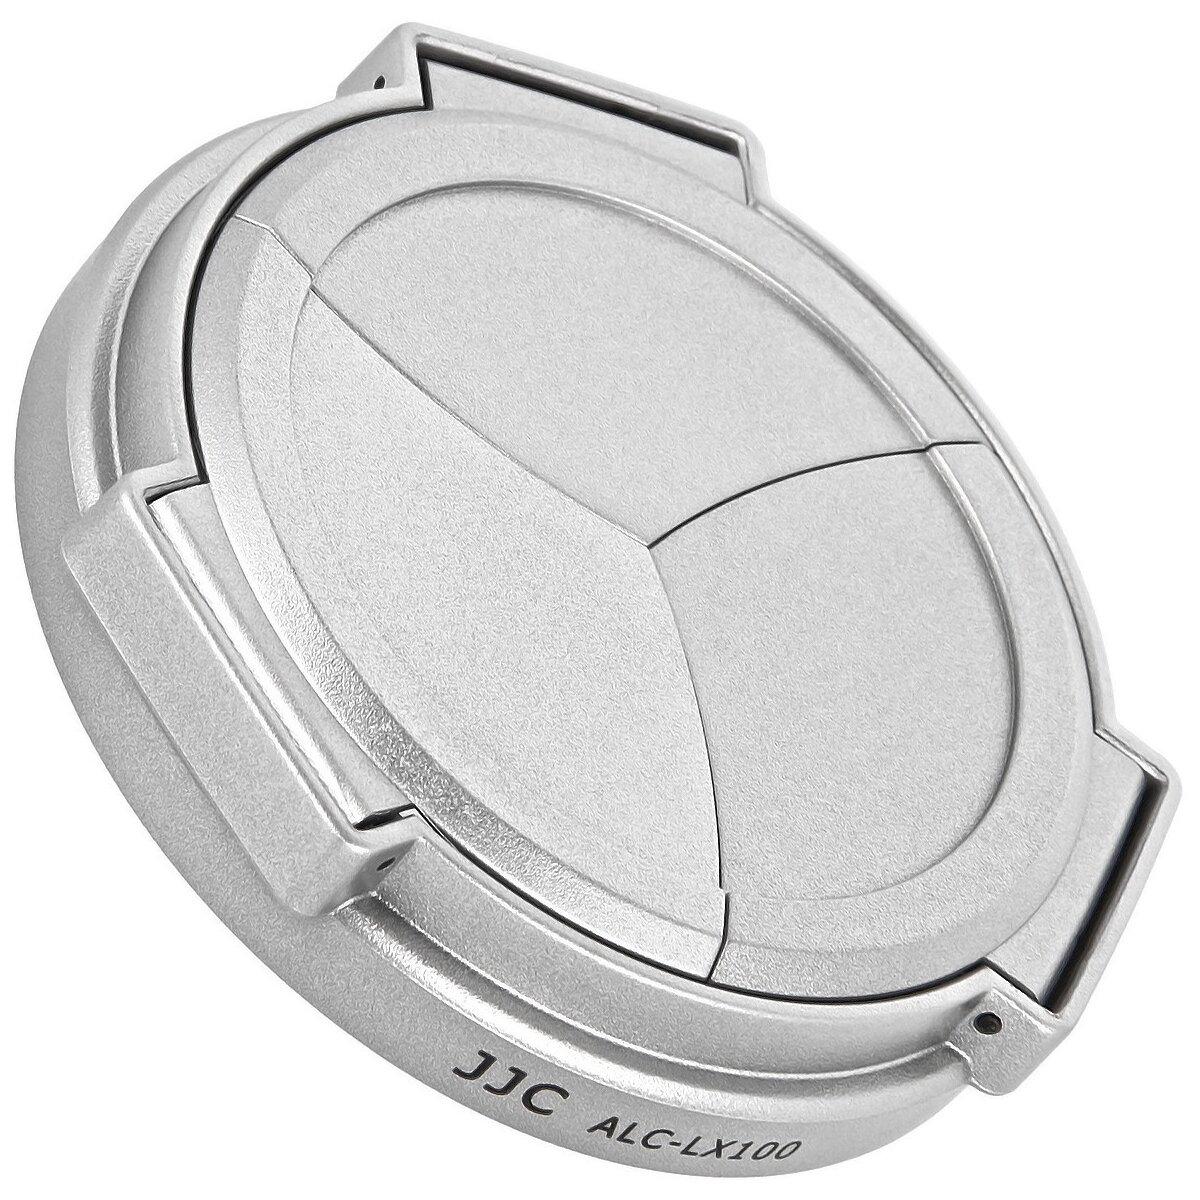 JJC Automatik Objektivdeckel, Frontdeckel kompatibel mit Panasonic LUMIX DMC-LX100 - ALC-LX100 silber